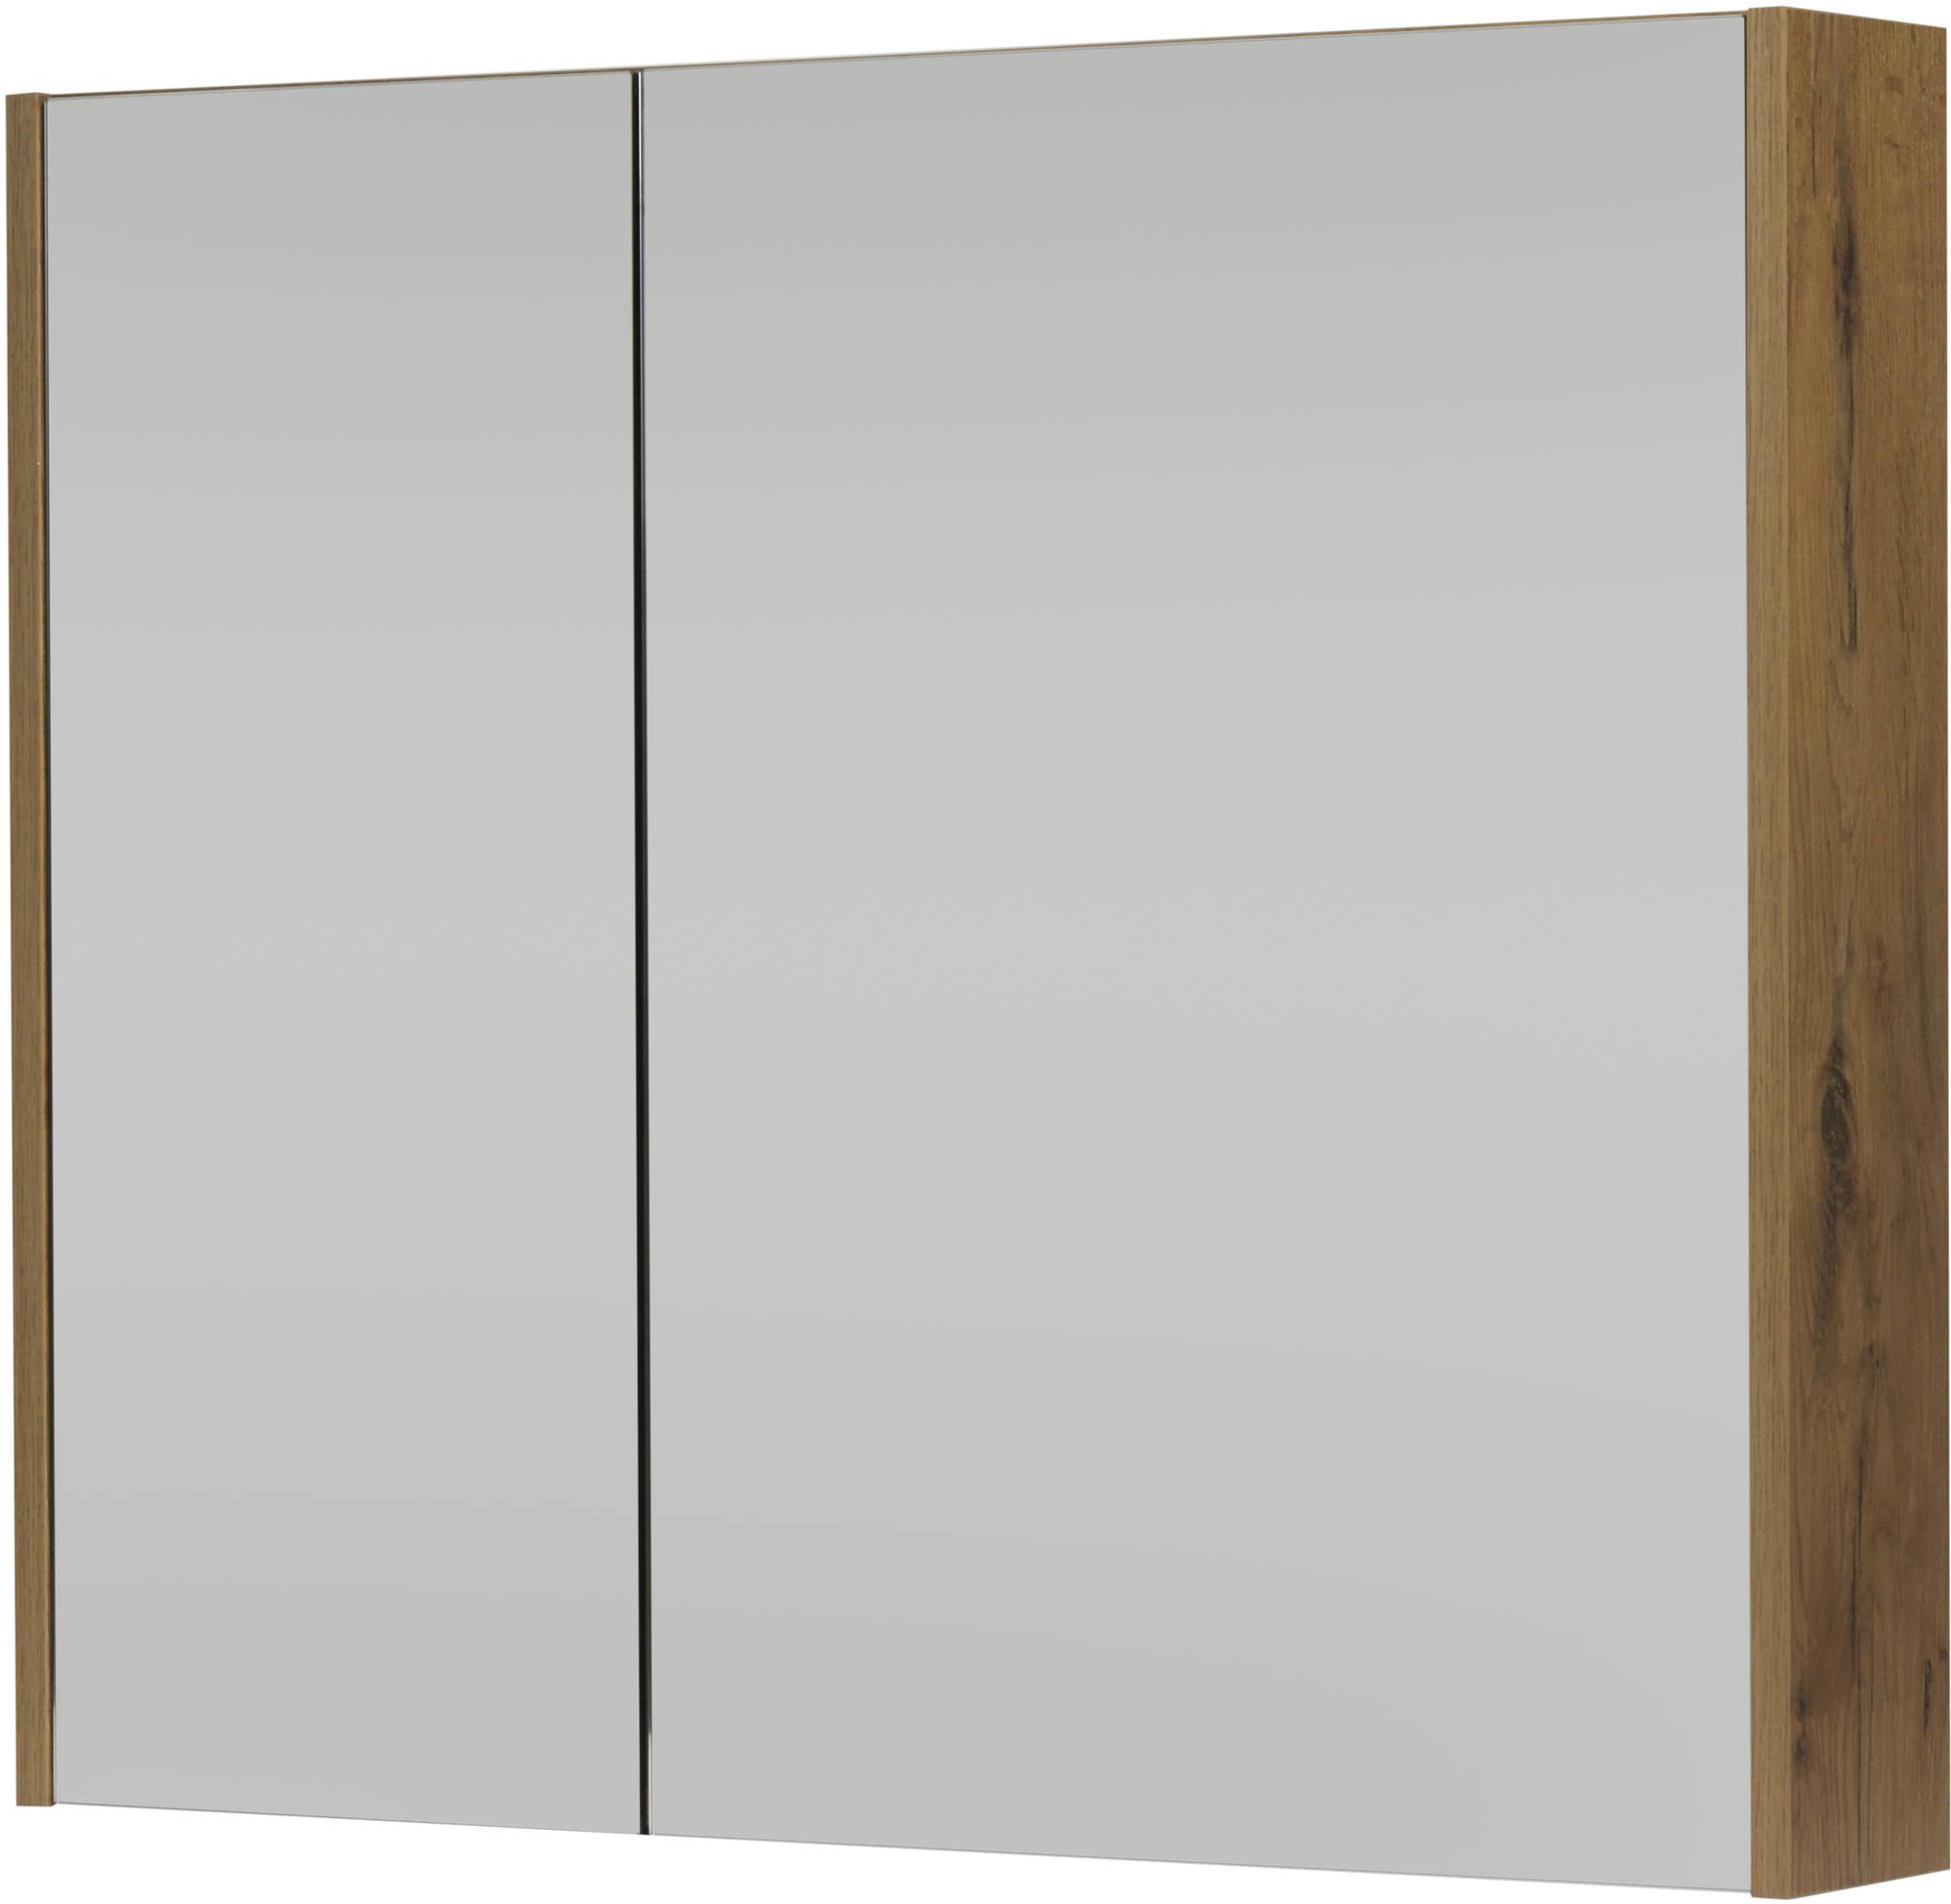 Saniselect Socan Spiegelkast 80x14x70 cm Wild Eiken